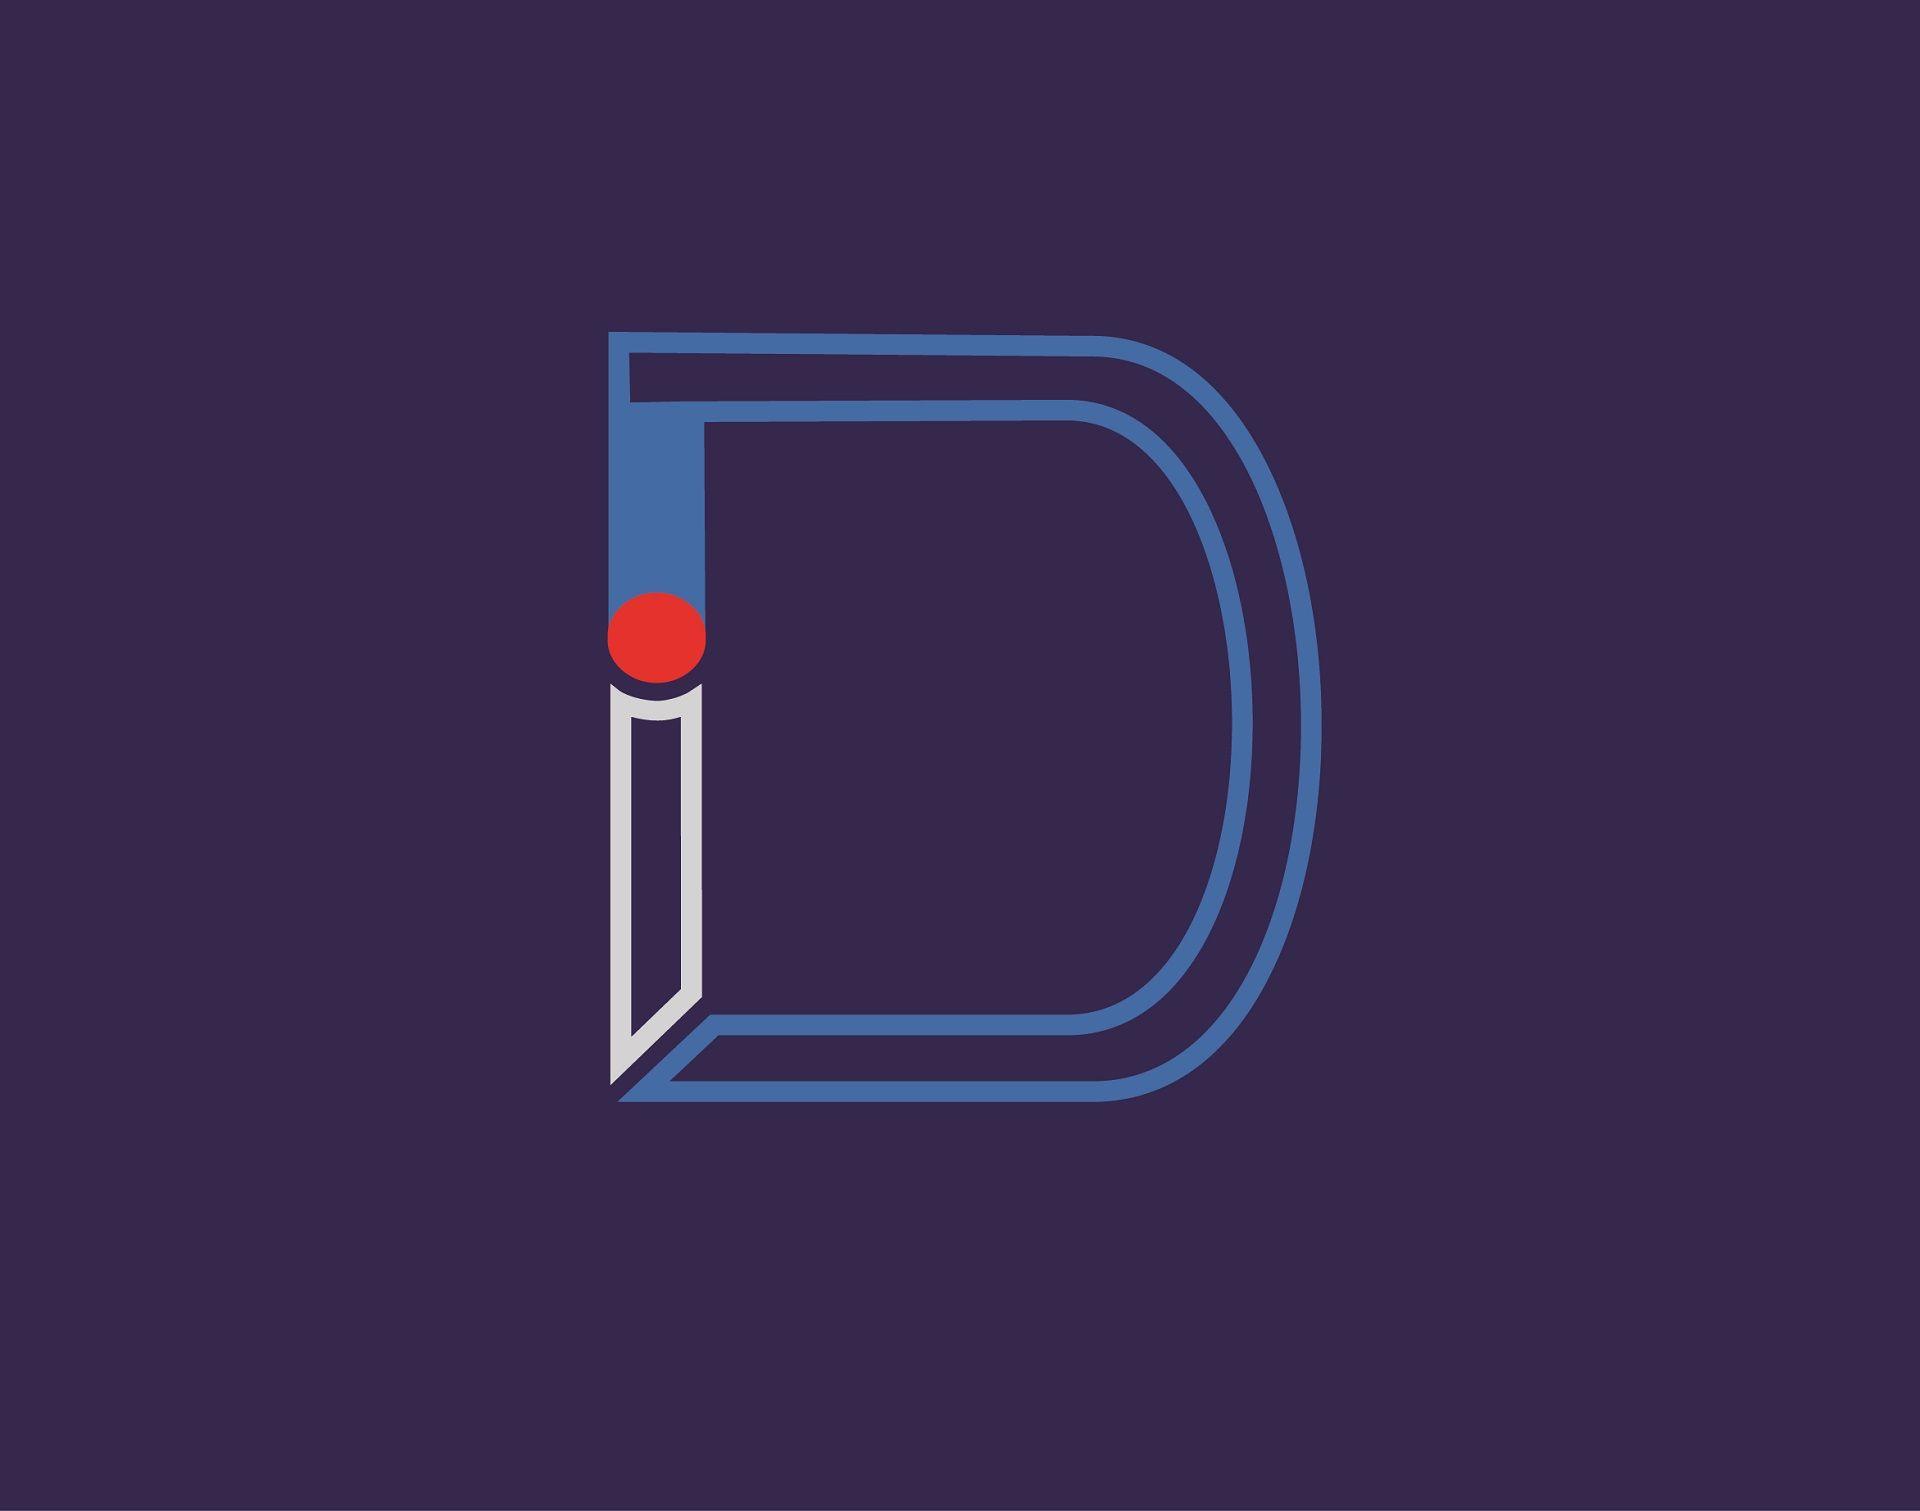 Лого и фирменный стиль для iD Такси - дизайнер shagi66